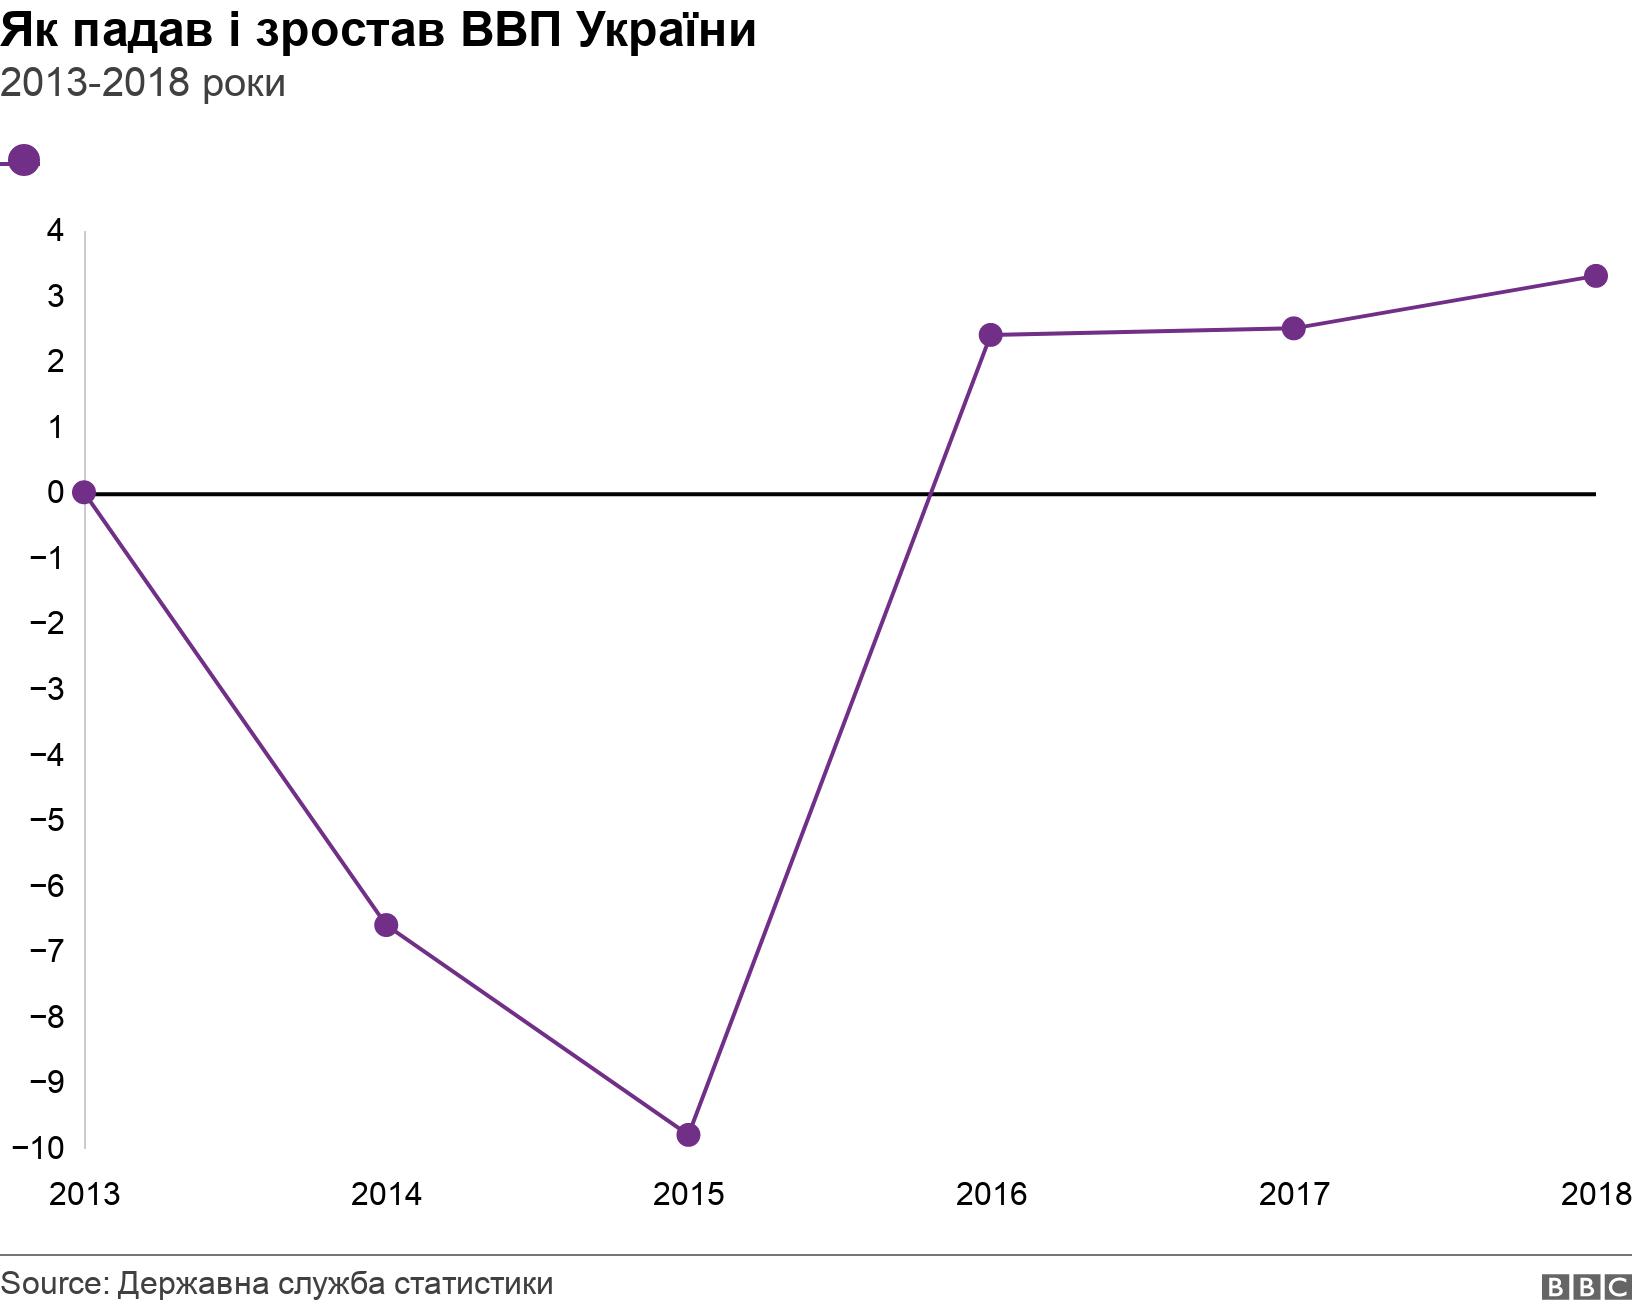 Як падав і зростав ВВП України . 2013-2018 роки. Темпи росту ВВП України .